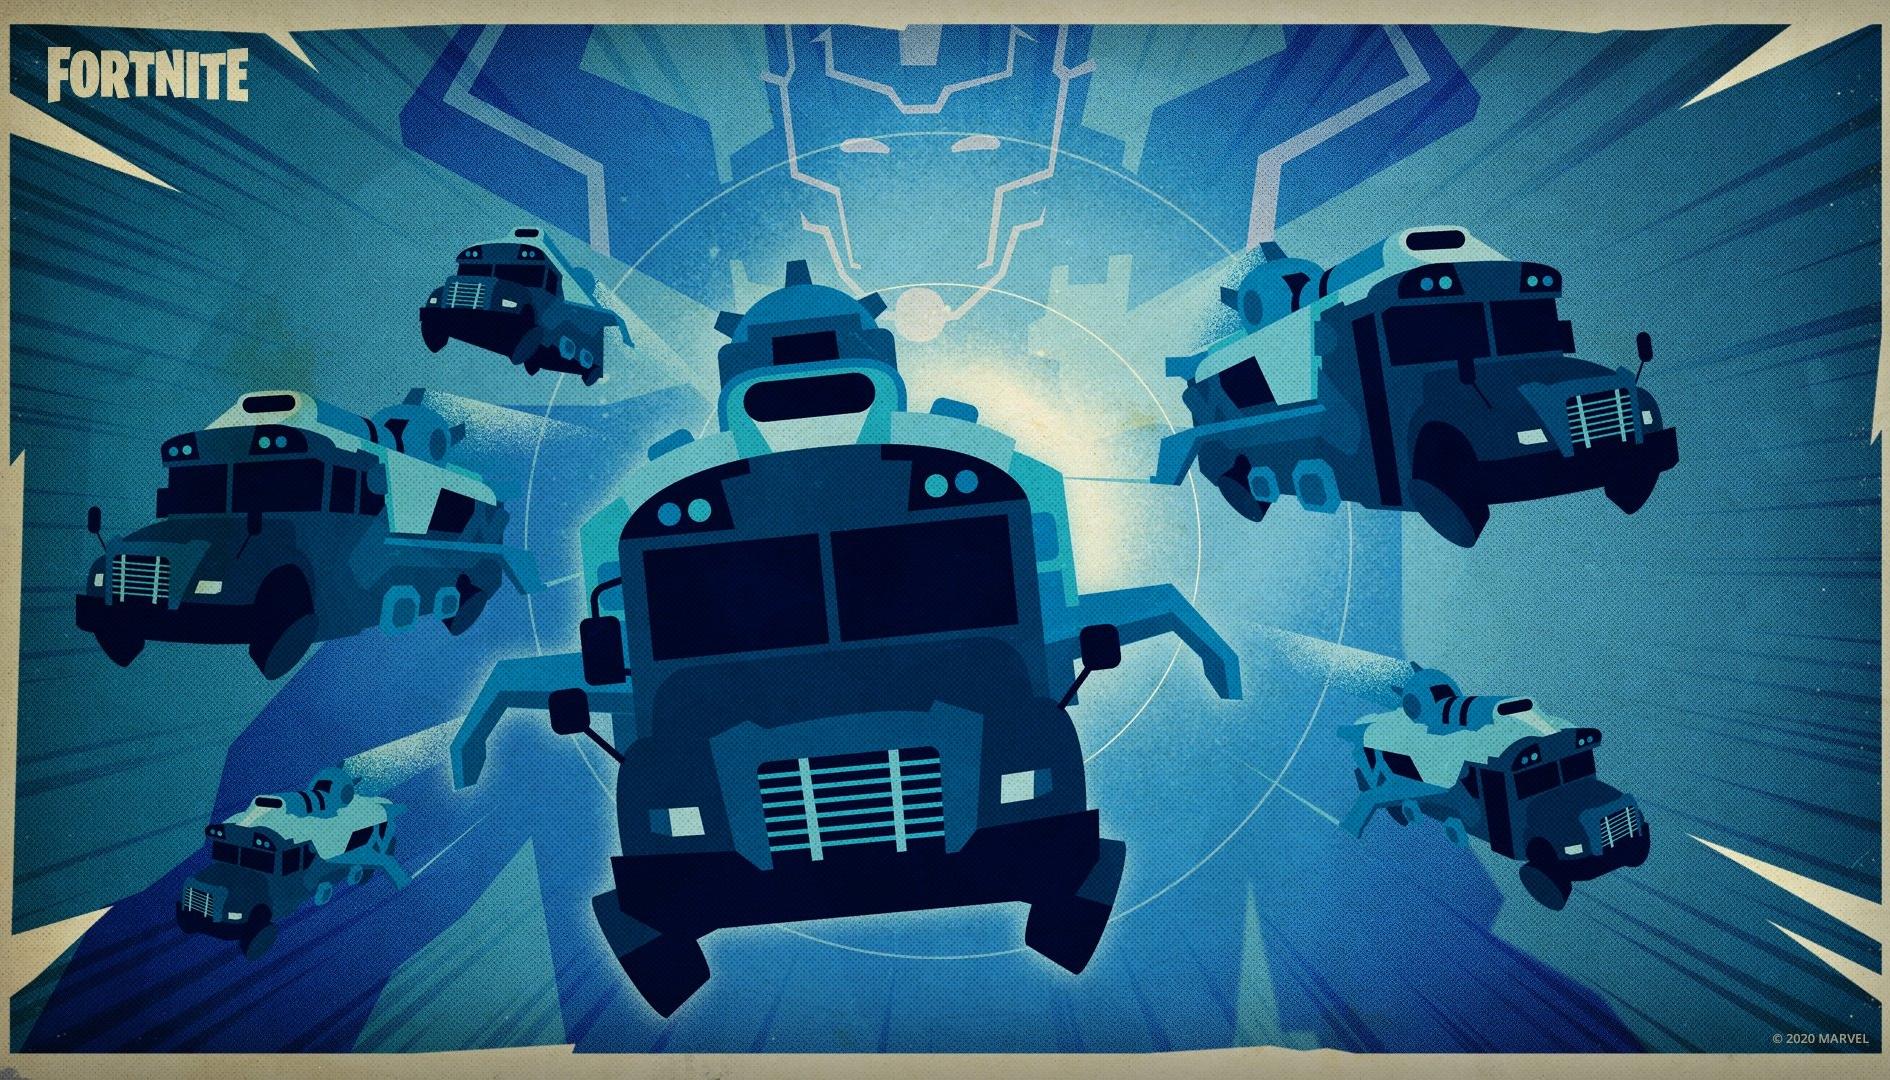 Fortnite Stagione 5: l'incredibile trailer mostra i primi dettagli